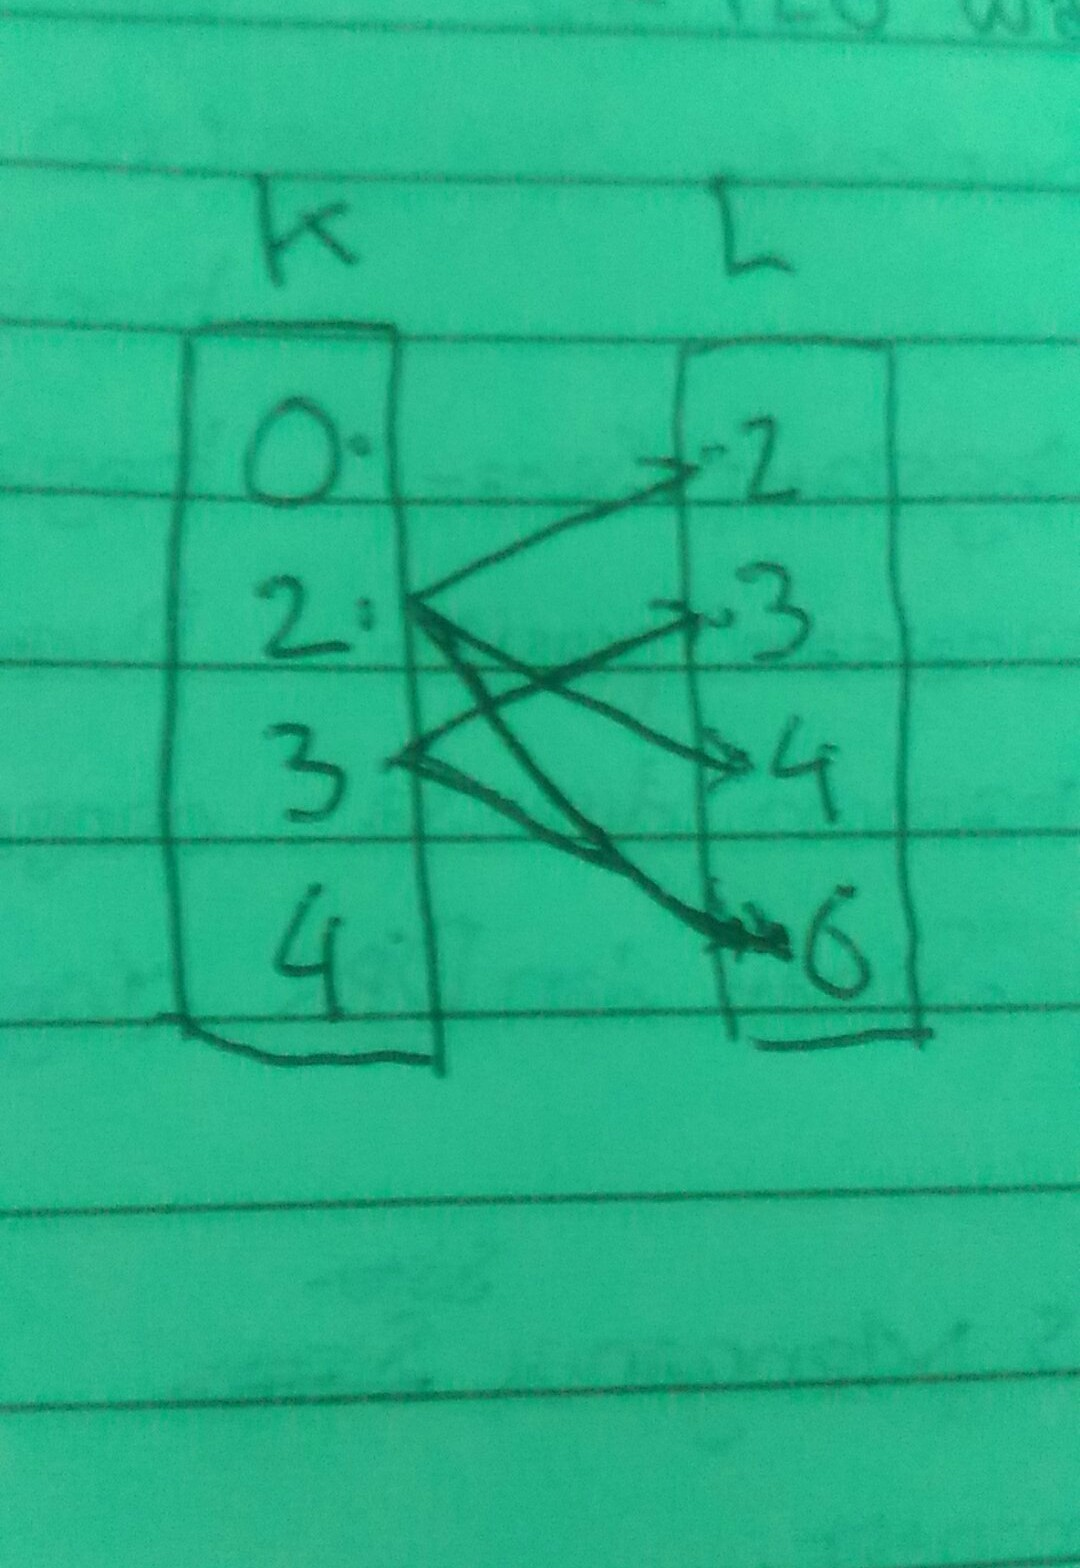 Buatlah diagram panah yang menunjukan relasi untukfaktor daridari unduh jpg ccuart Gallery